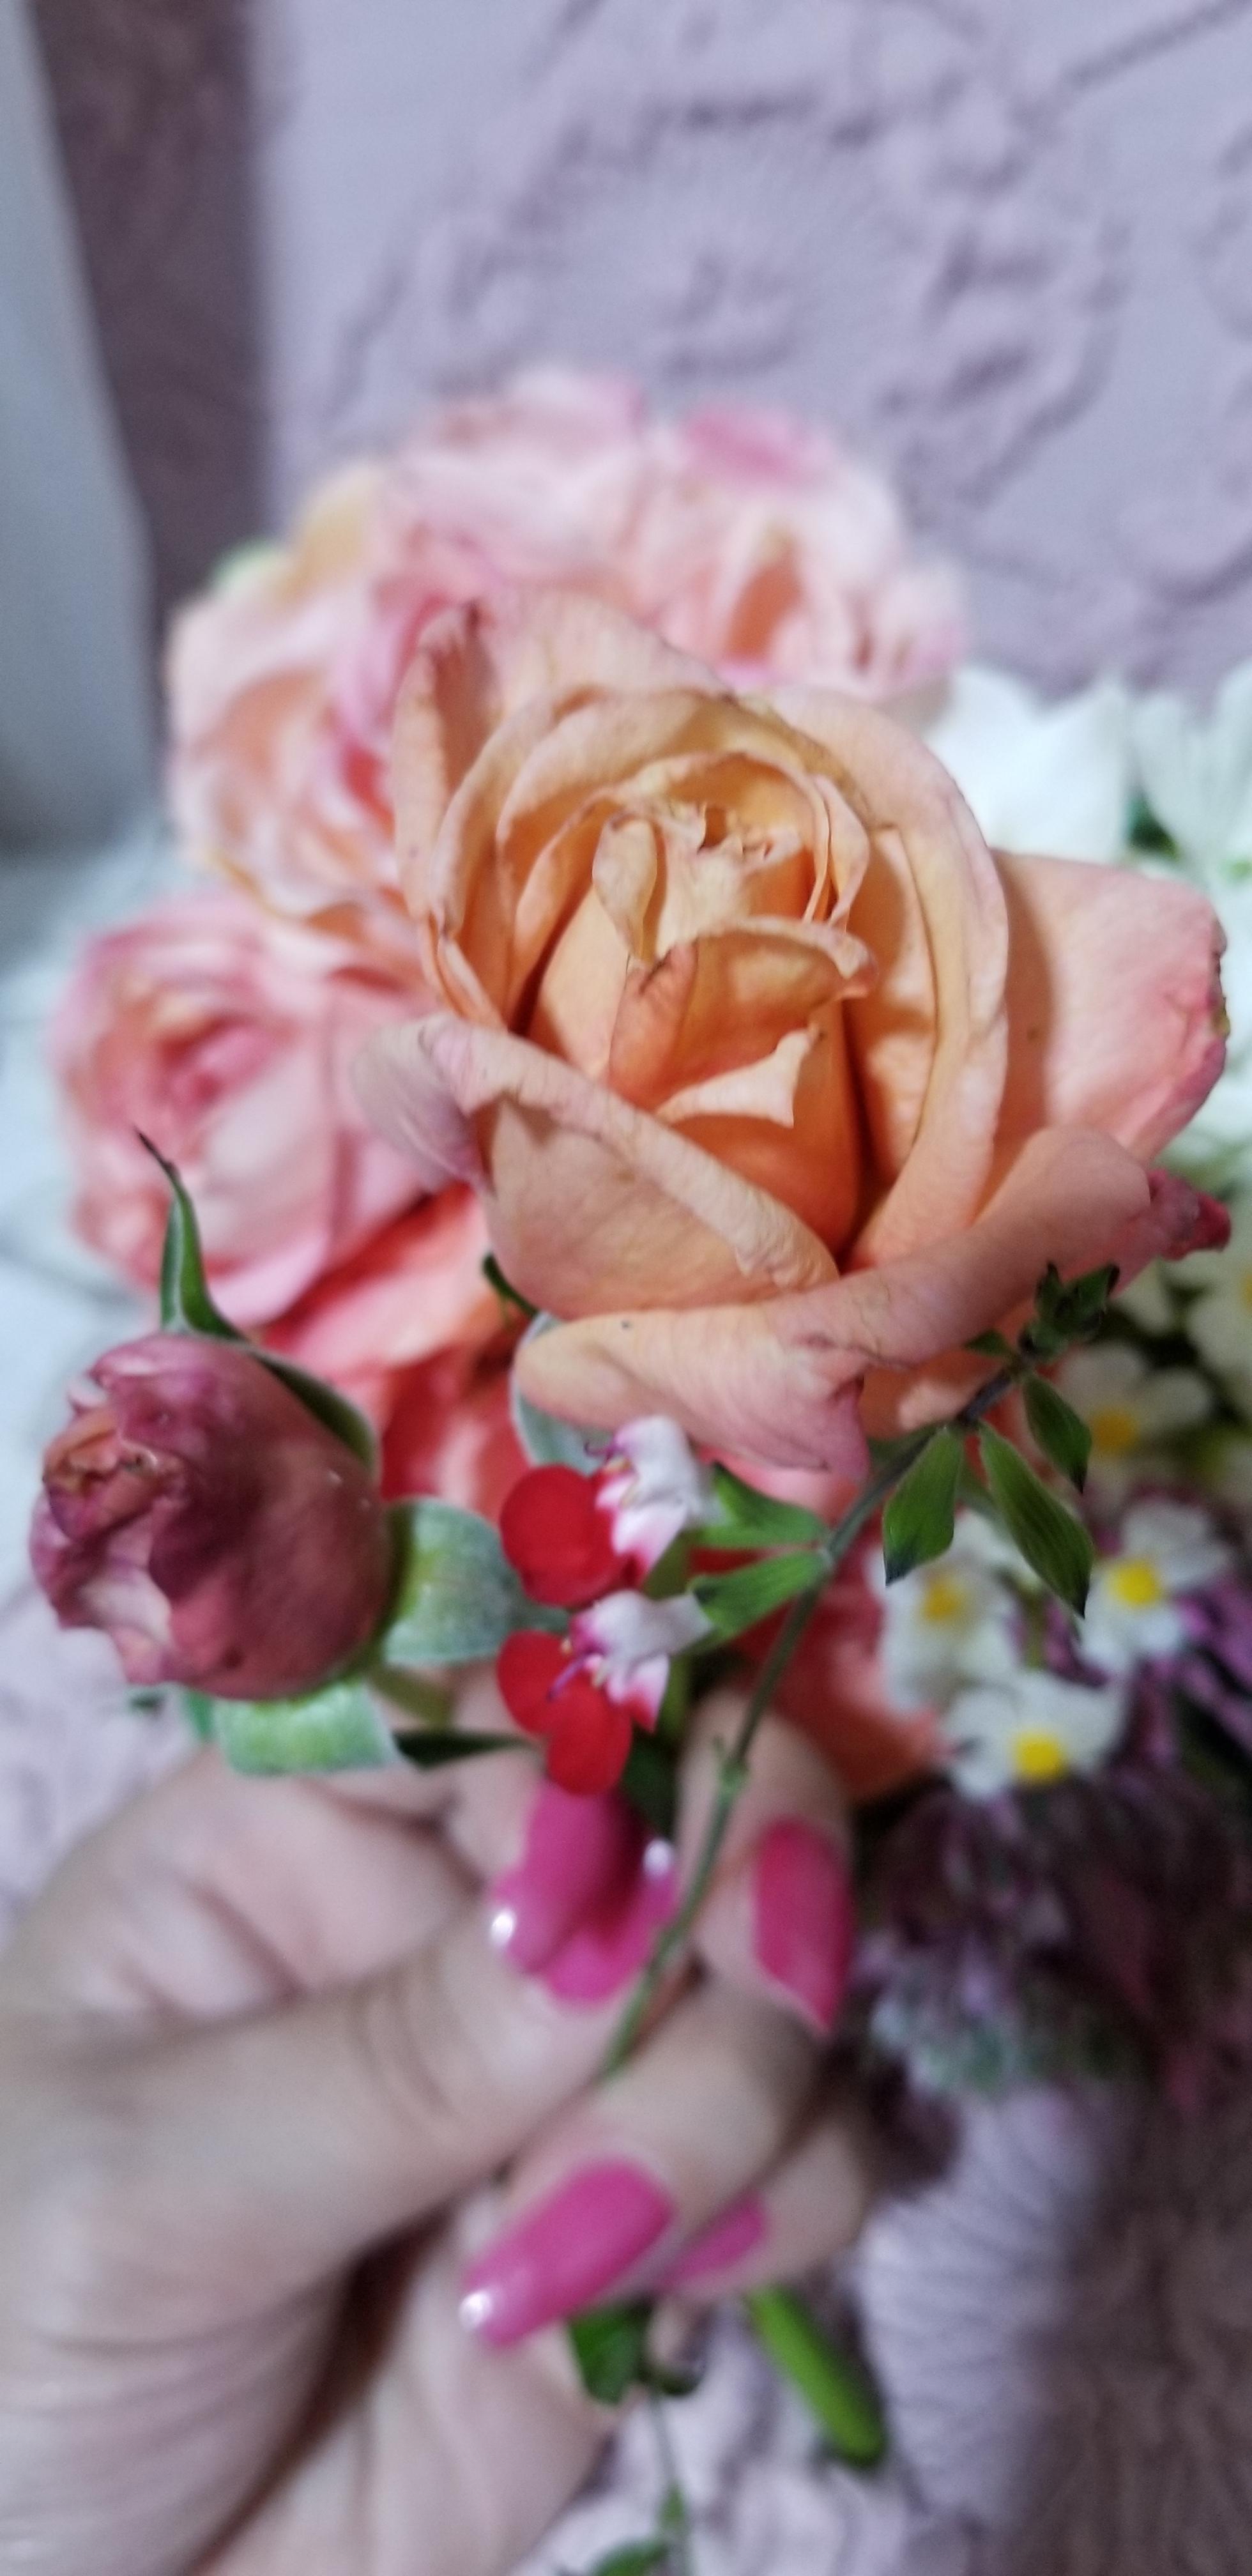 「S様♥お礼️️」06/03(月) 18:46   ★らん★の写メ・風俗動画